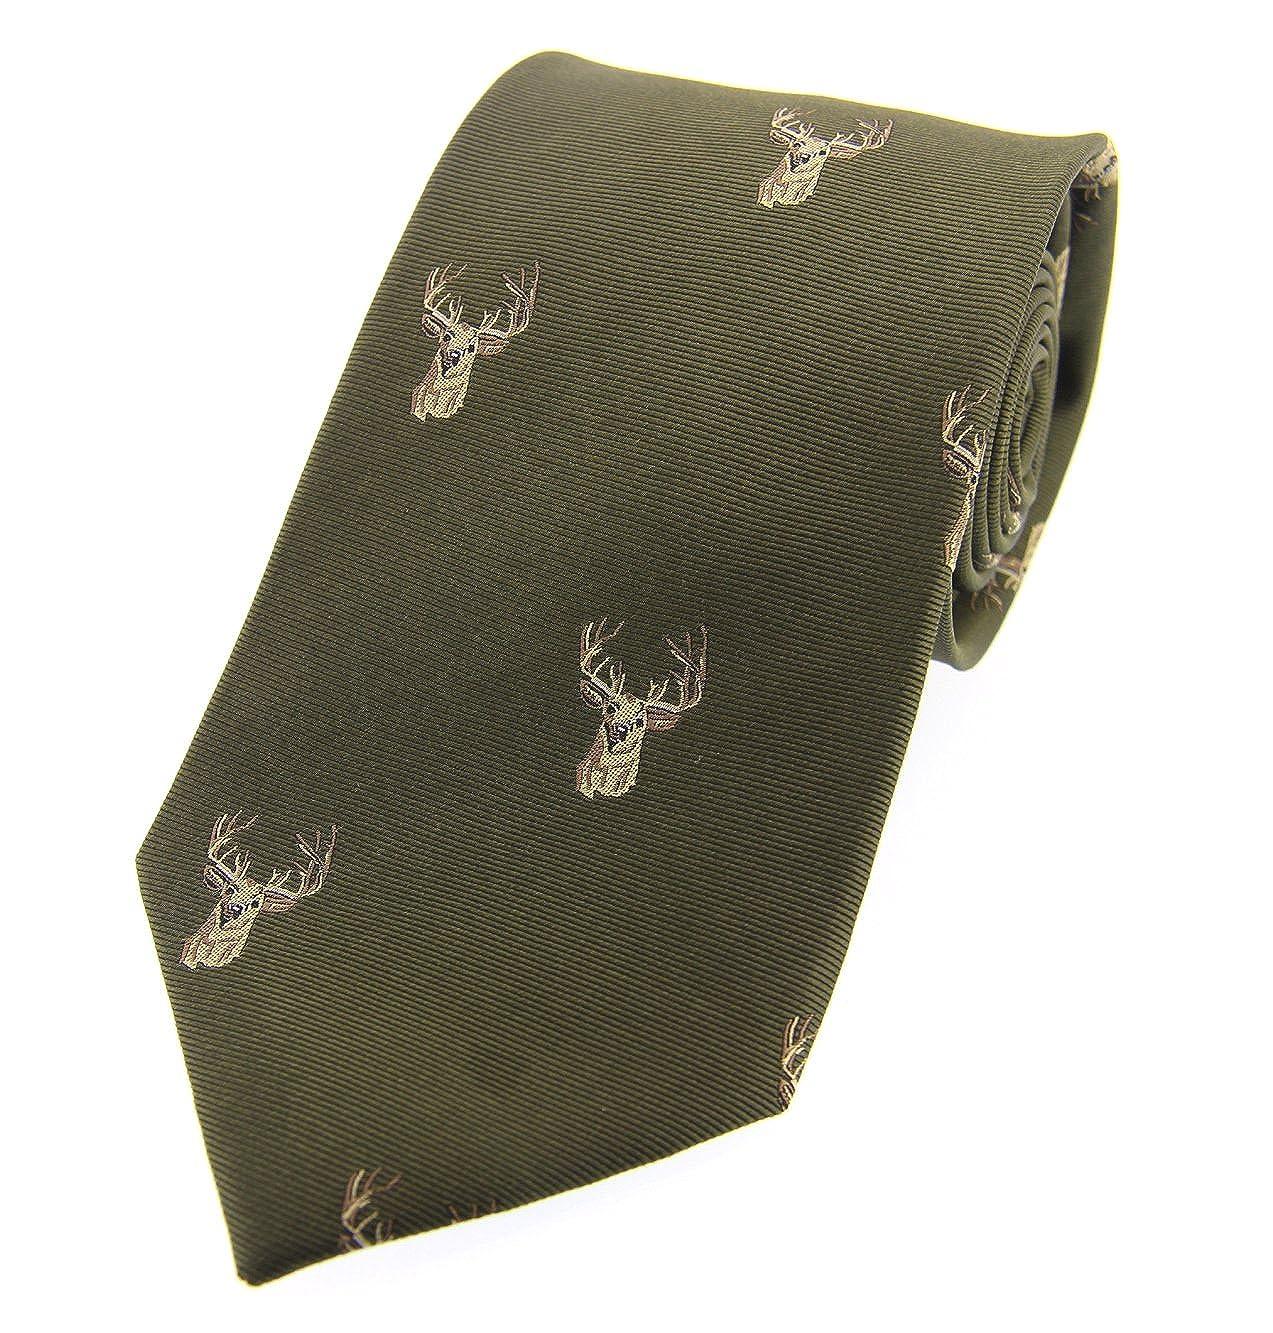 Navy Shooting Hunting Farmer Ties Reindeer Stag Country Outdoor Tie in Green